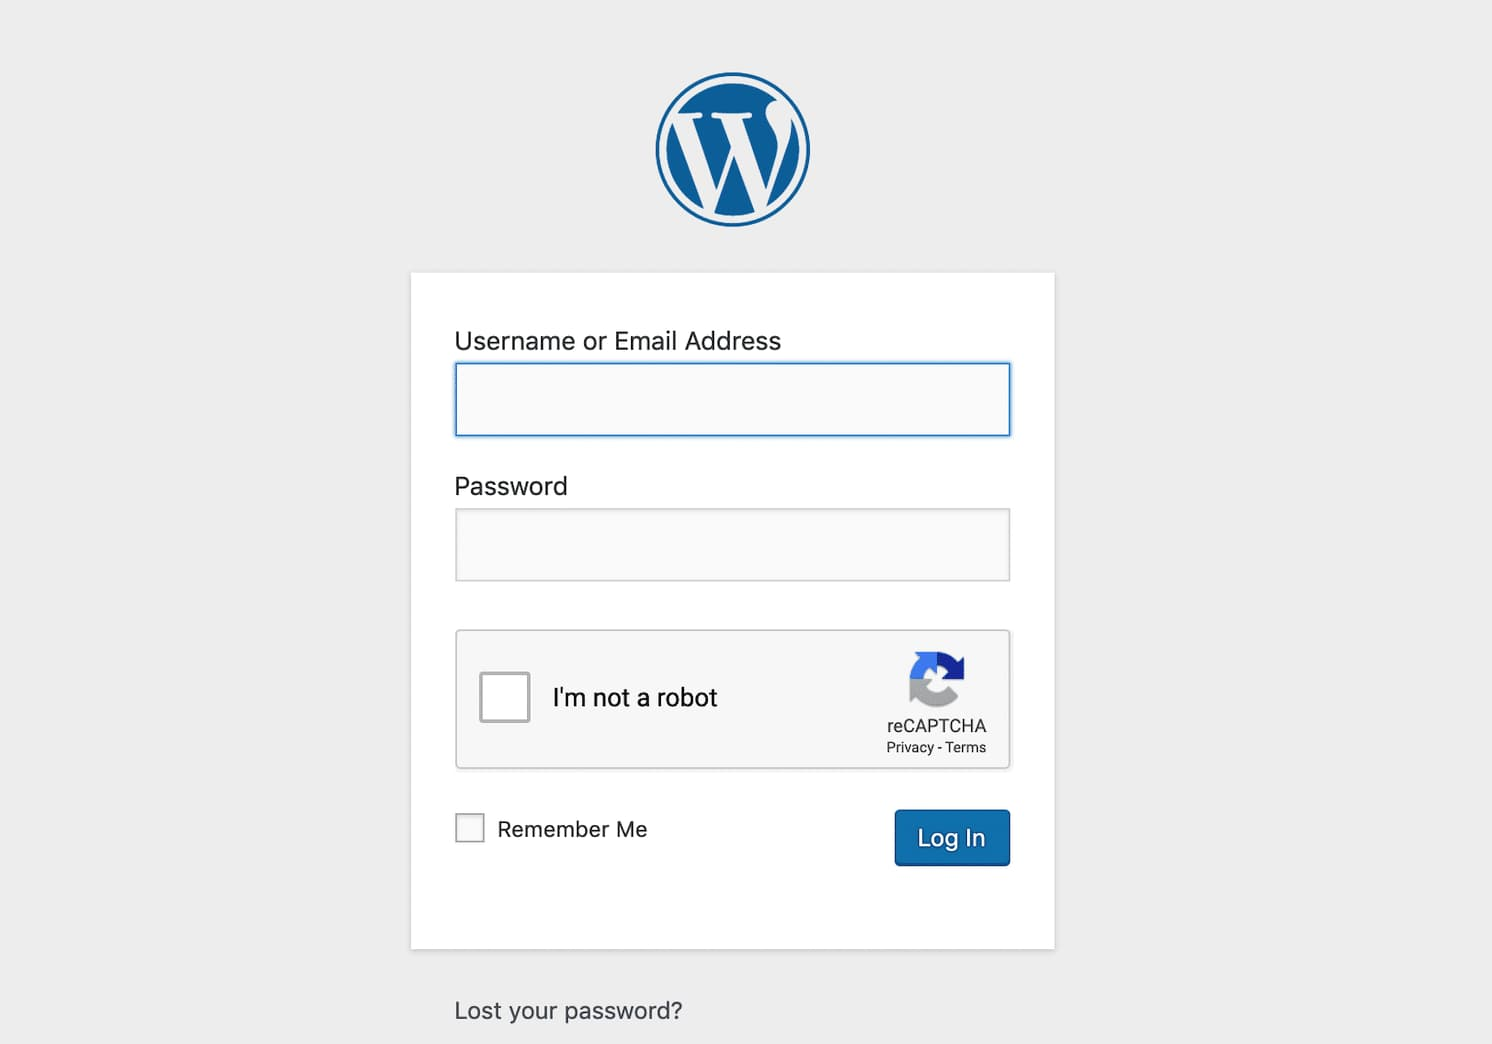 Caixa de seleção Google reCAPTCHA na página de Login do WordPress